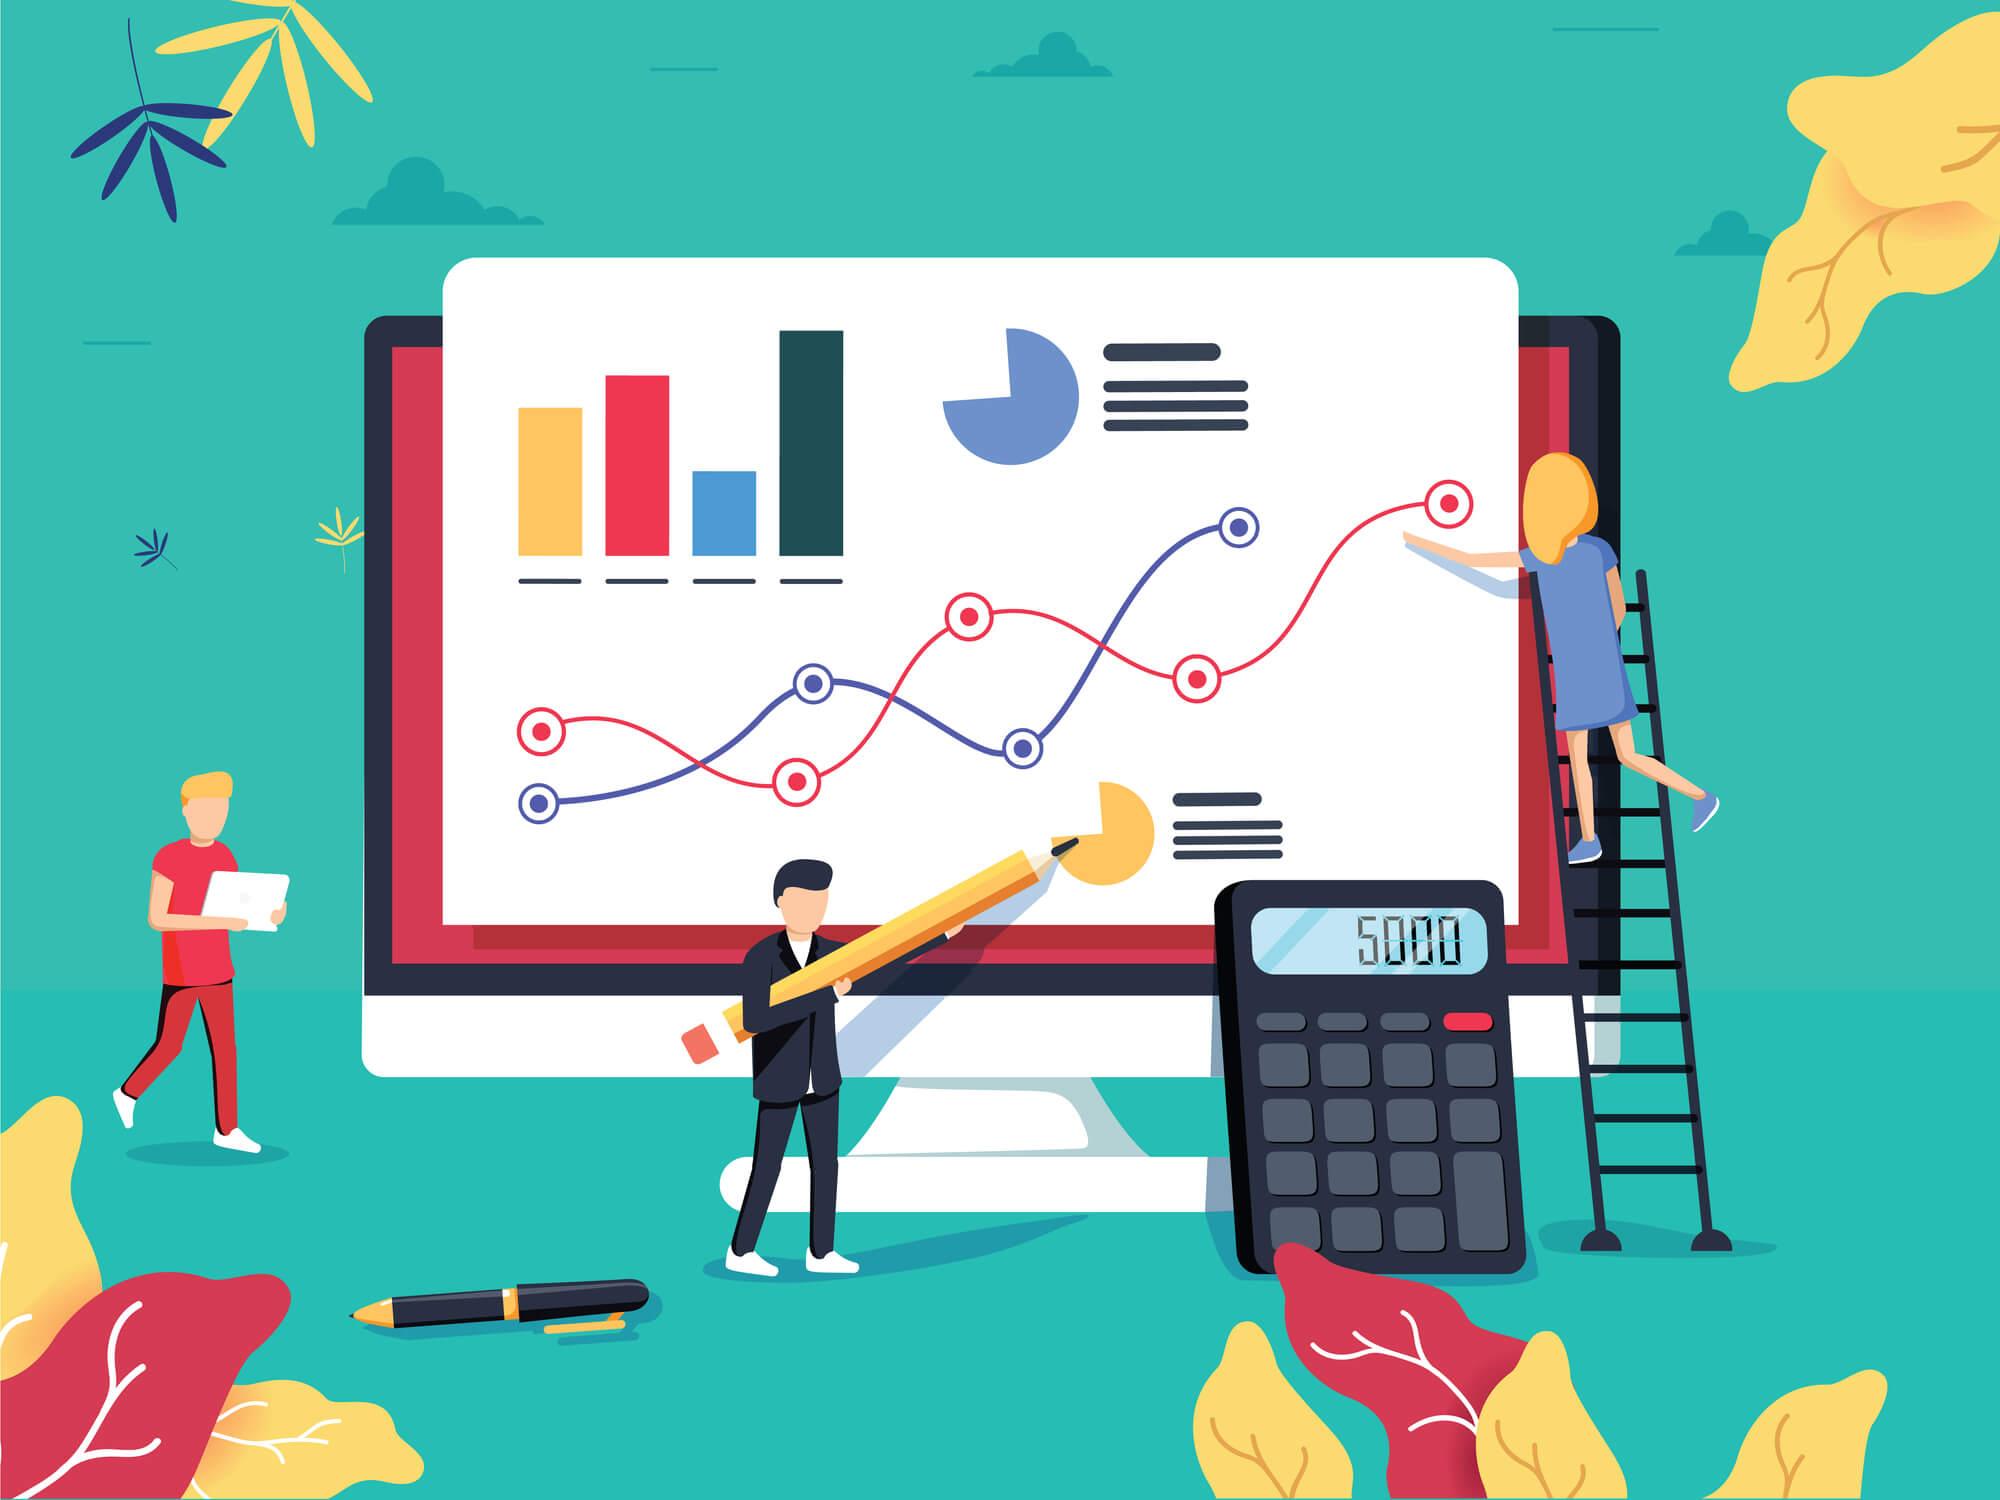 Conheça 5 passos para aumentar o ROI de marketing